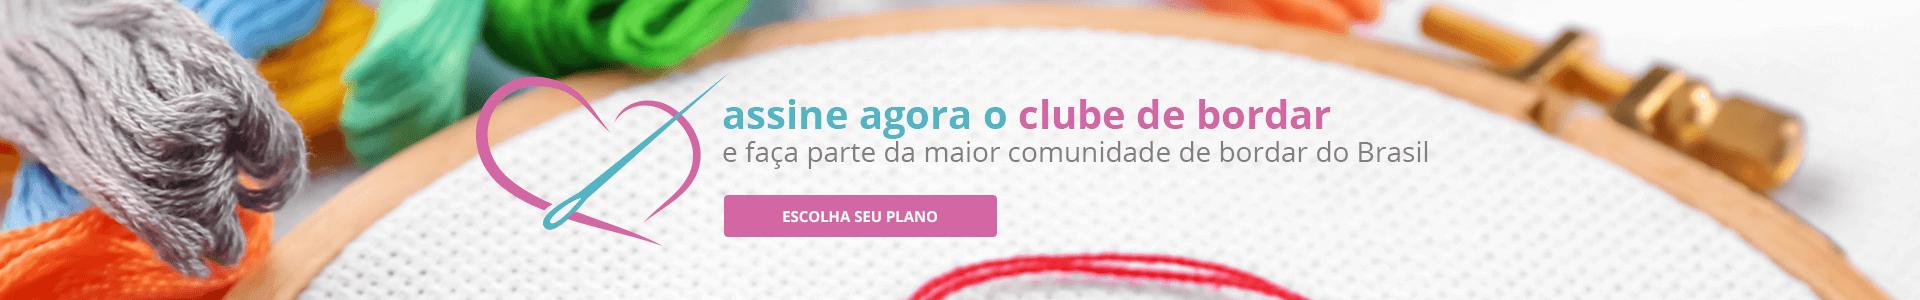 Assine agora o Clube de Bordar e faça parte da maior comunidade de bordado do Brasil | Clube de Bordar | Assine Agora!